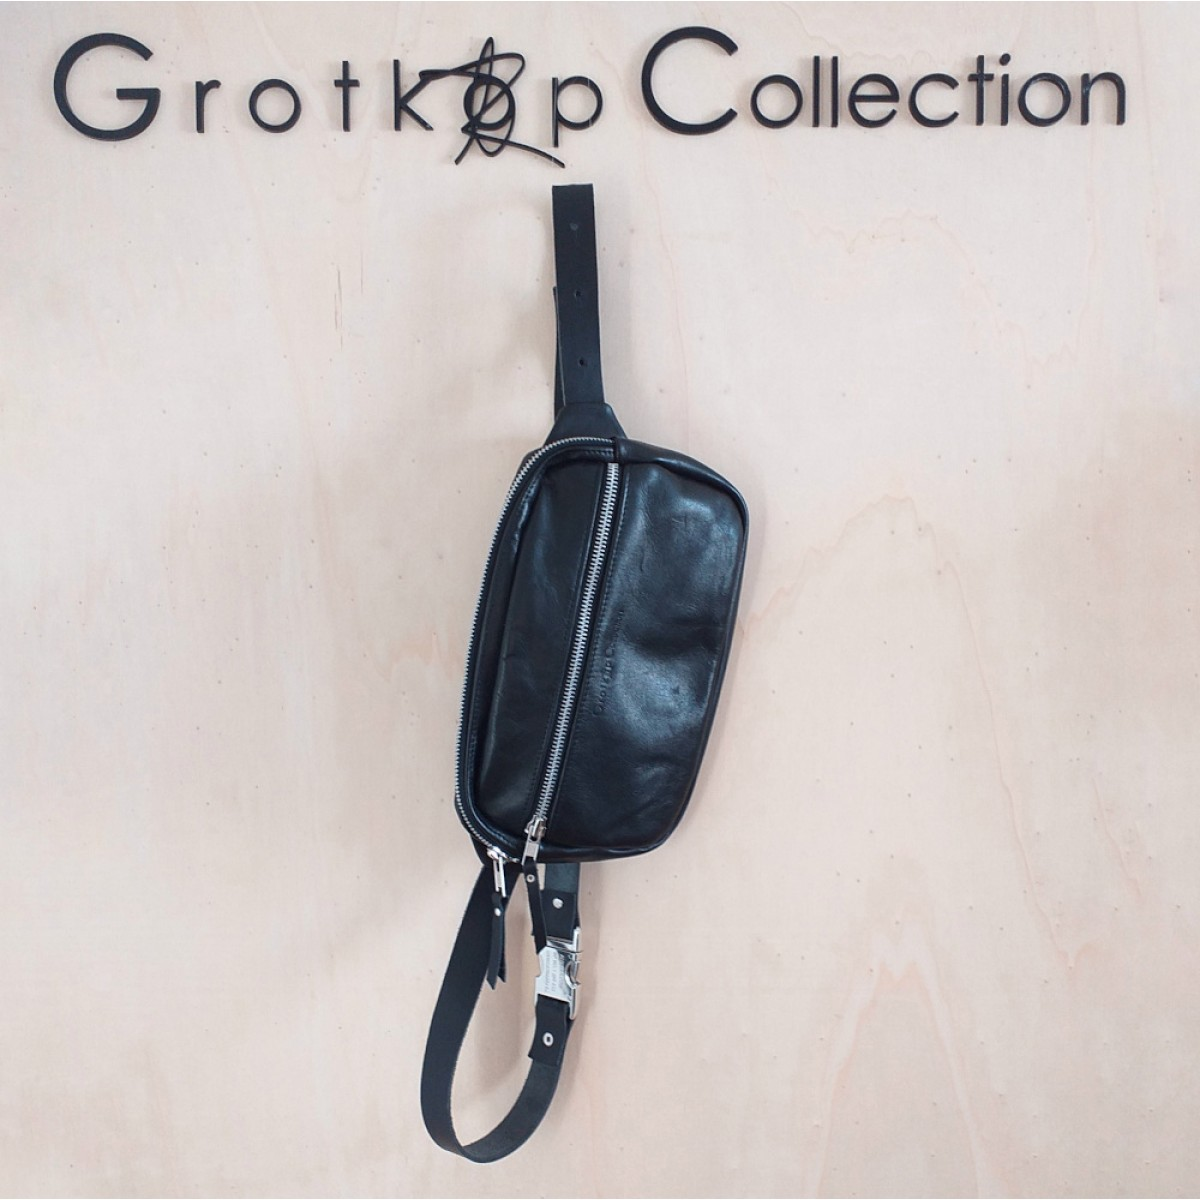 Grotkop Collection BUMBAG Gürtel/Schultertasche EDDA schwarz mit Verlängerung